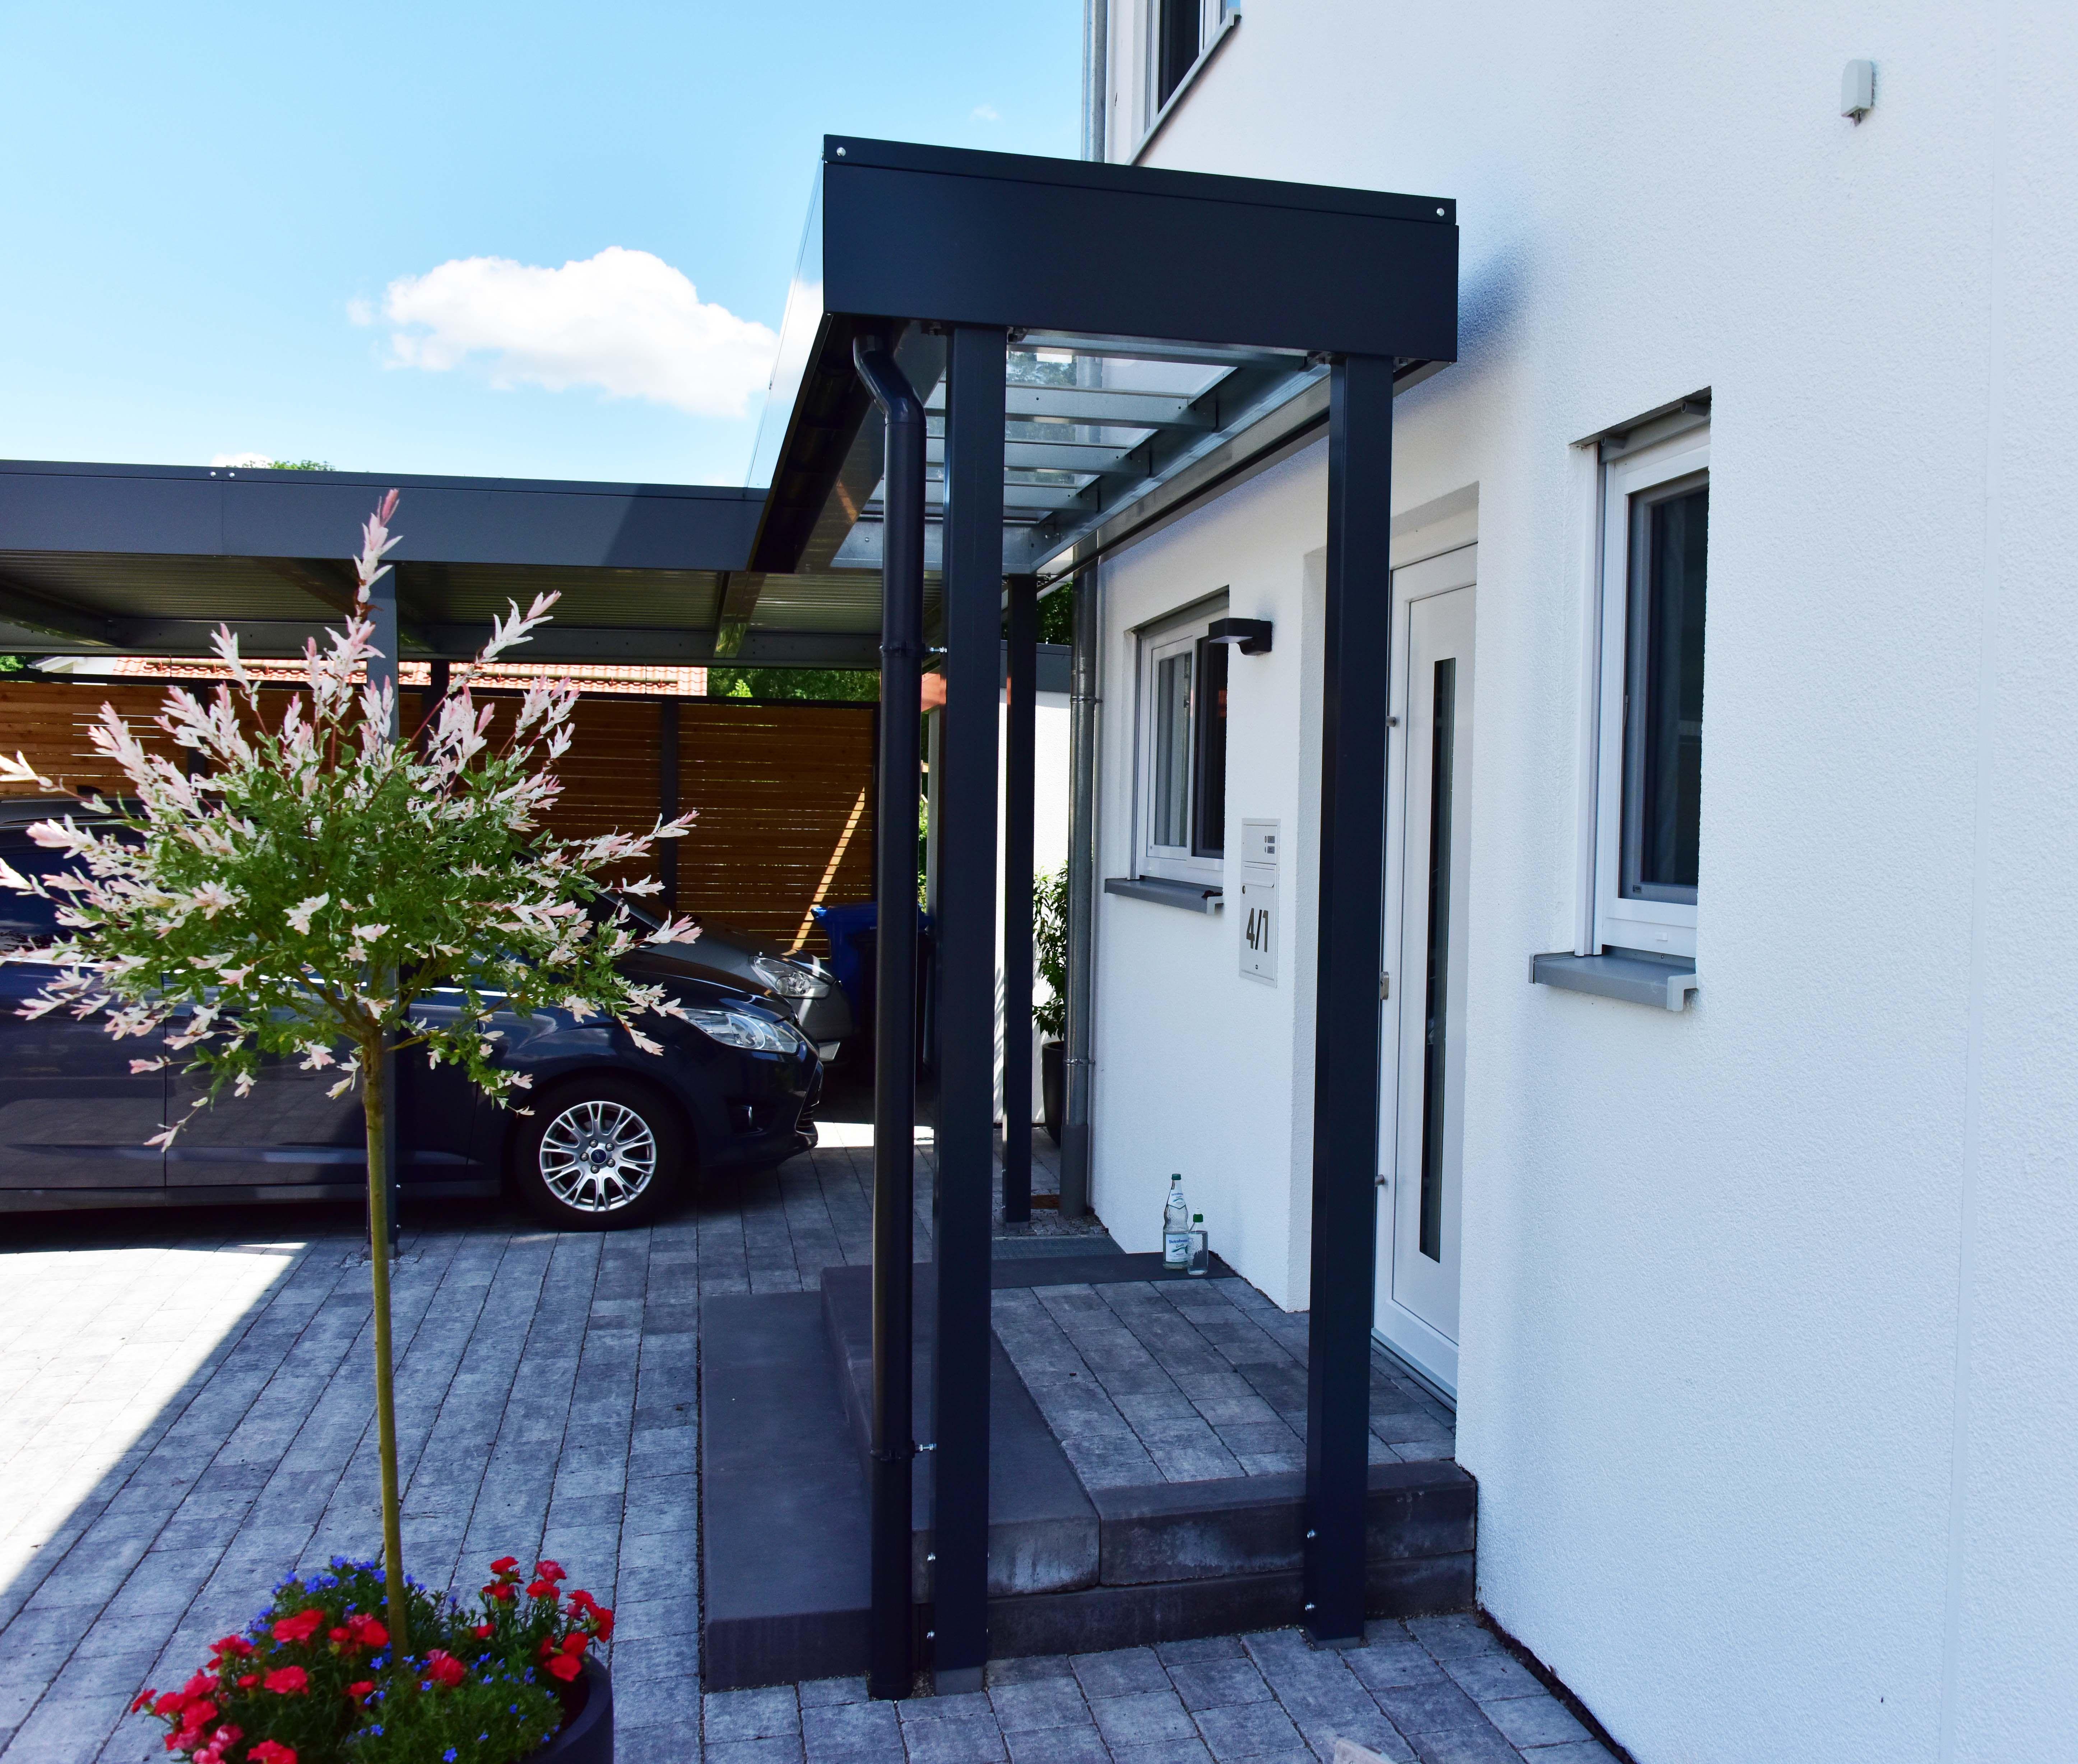 Vordächer Eingangsüberdachung, Eingang überdachung, Vordach